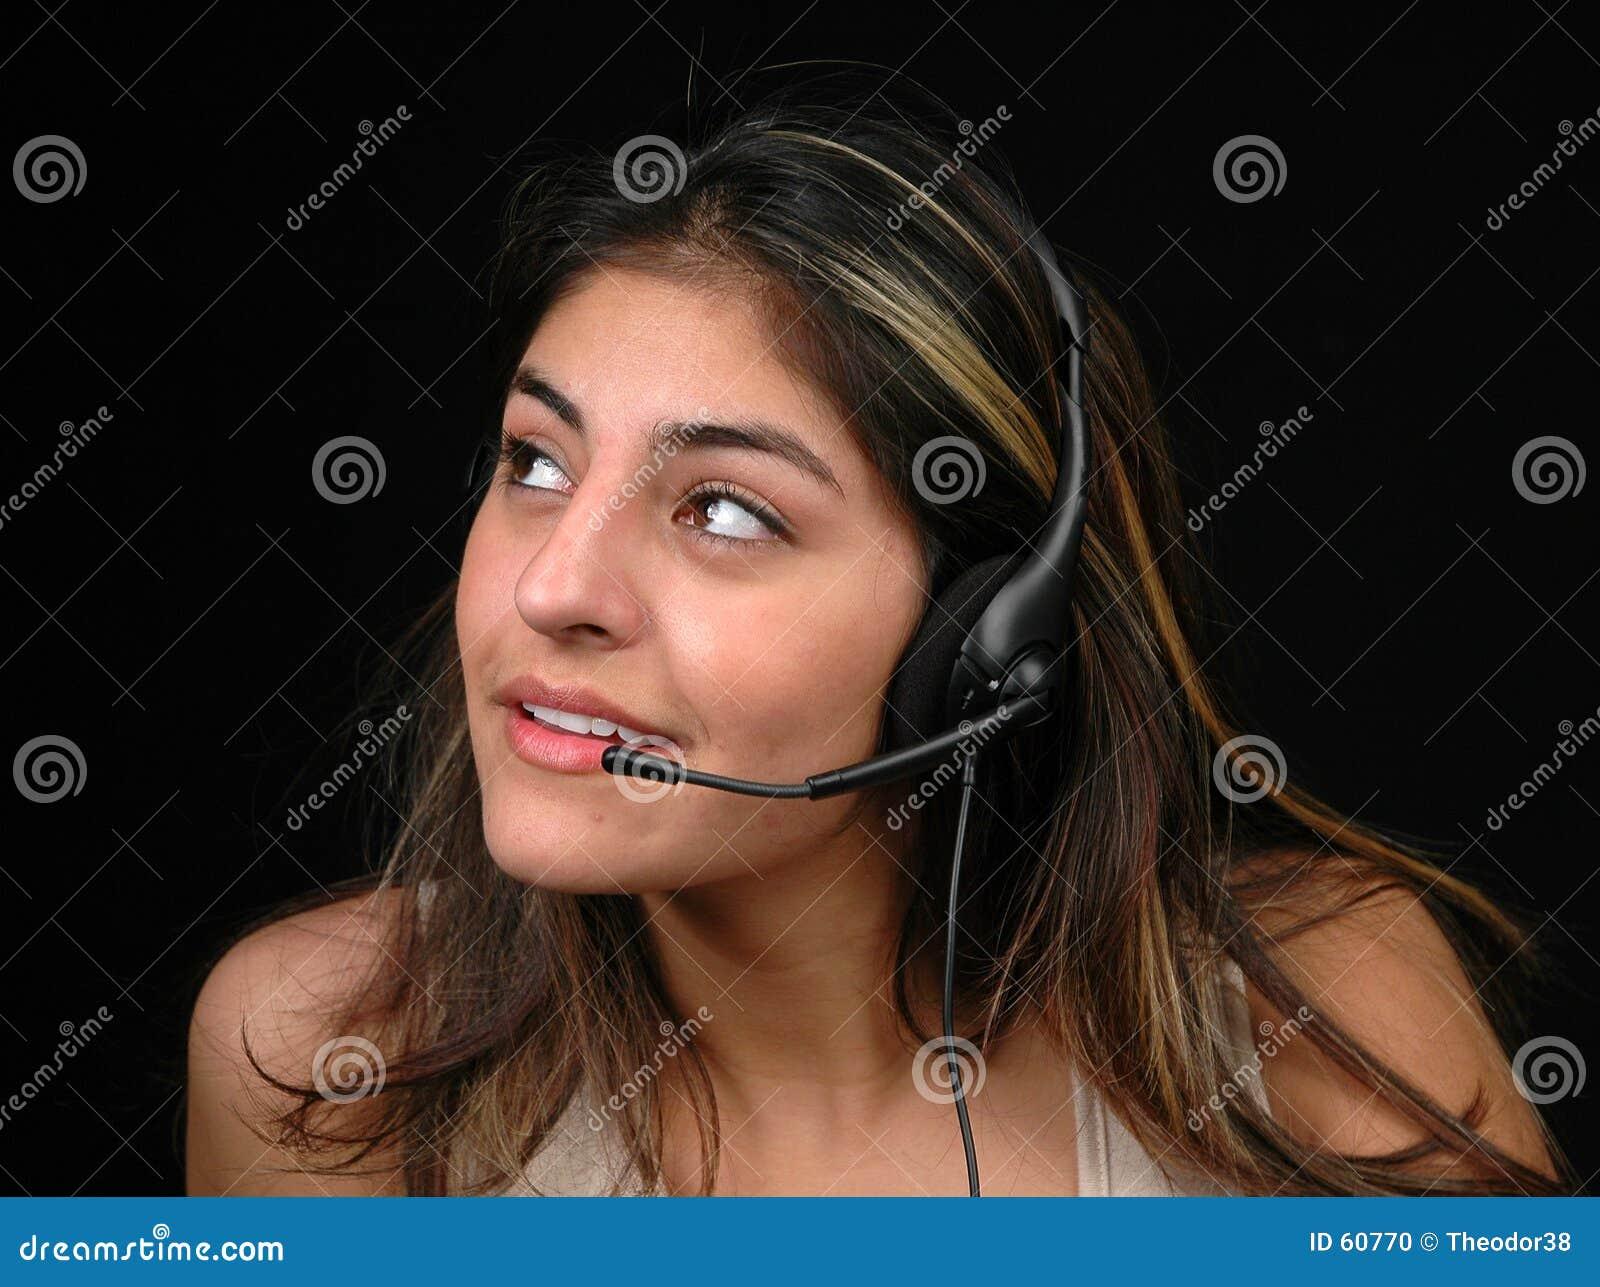 Cliente service-3